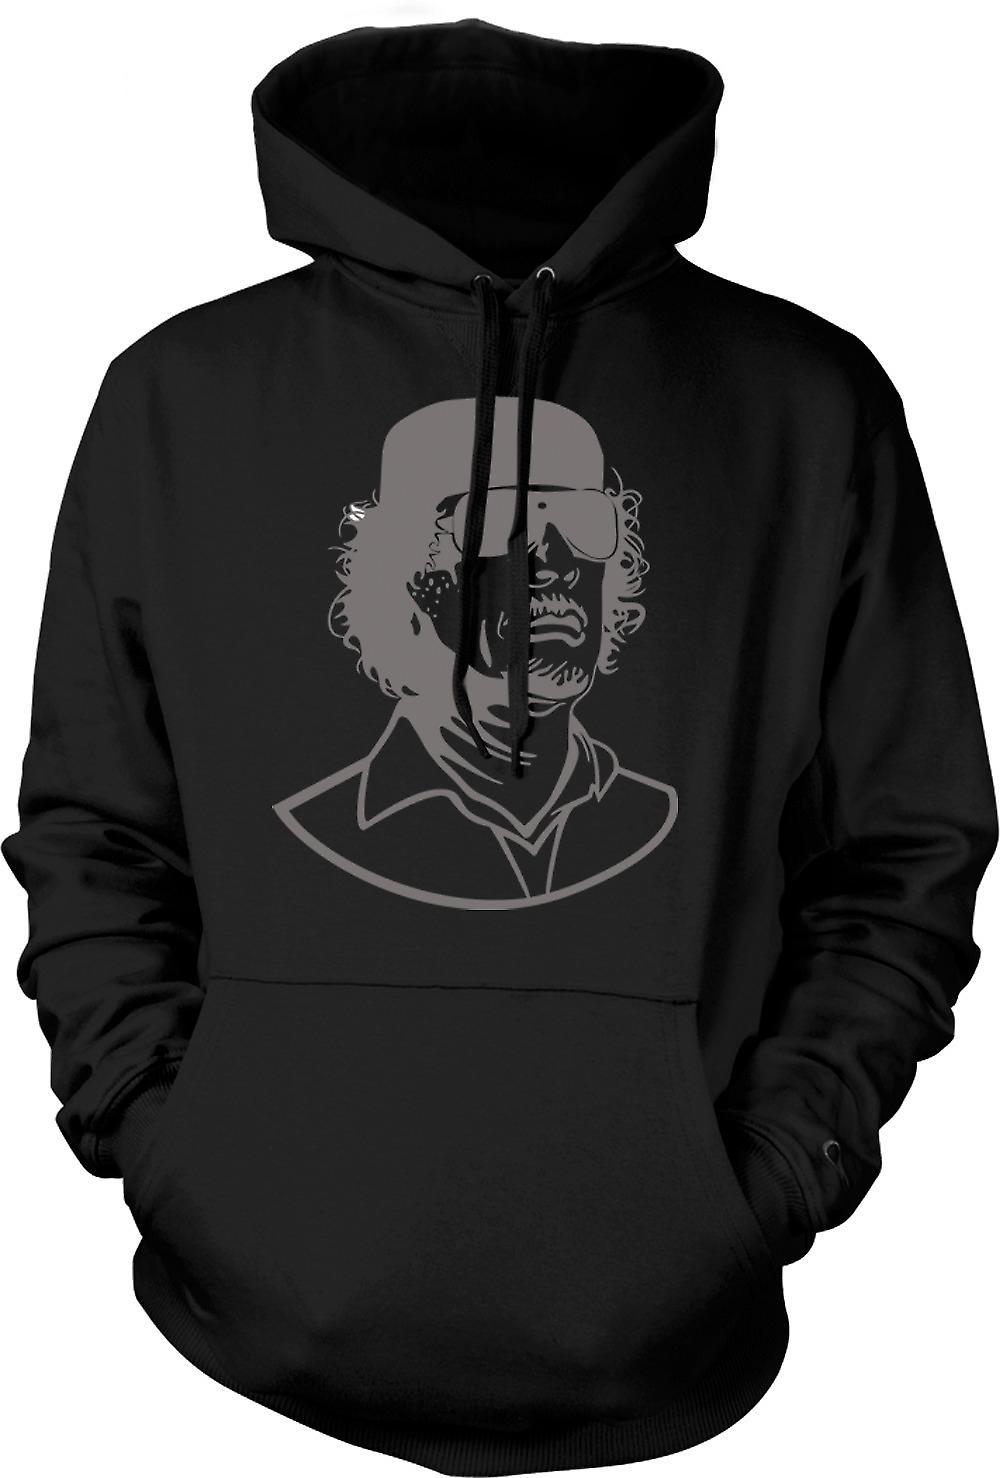 Mens Hoodie - Gaddafi - Libische Dictator portret